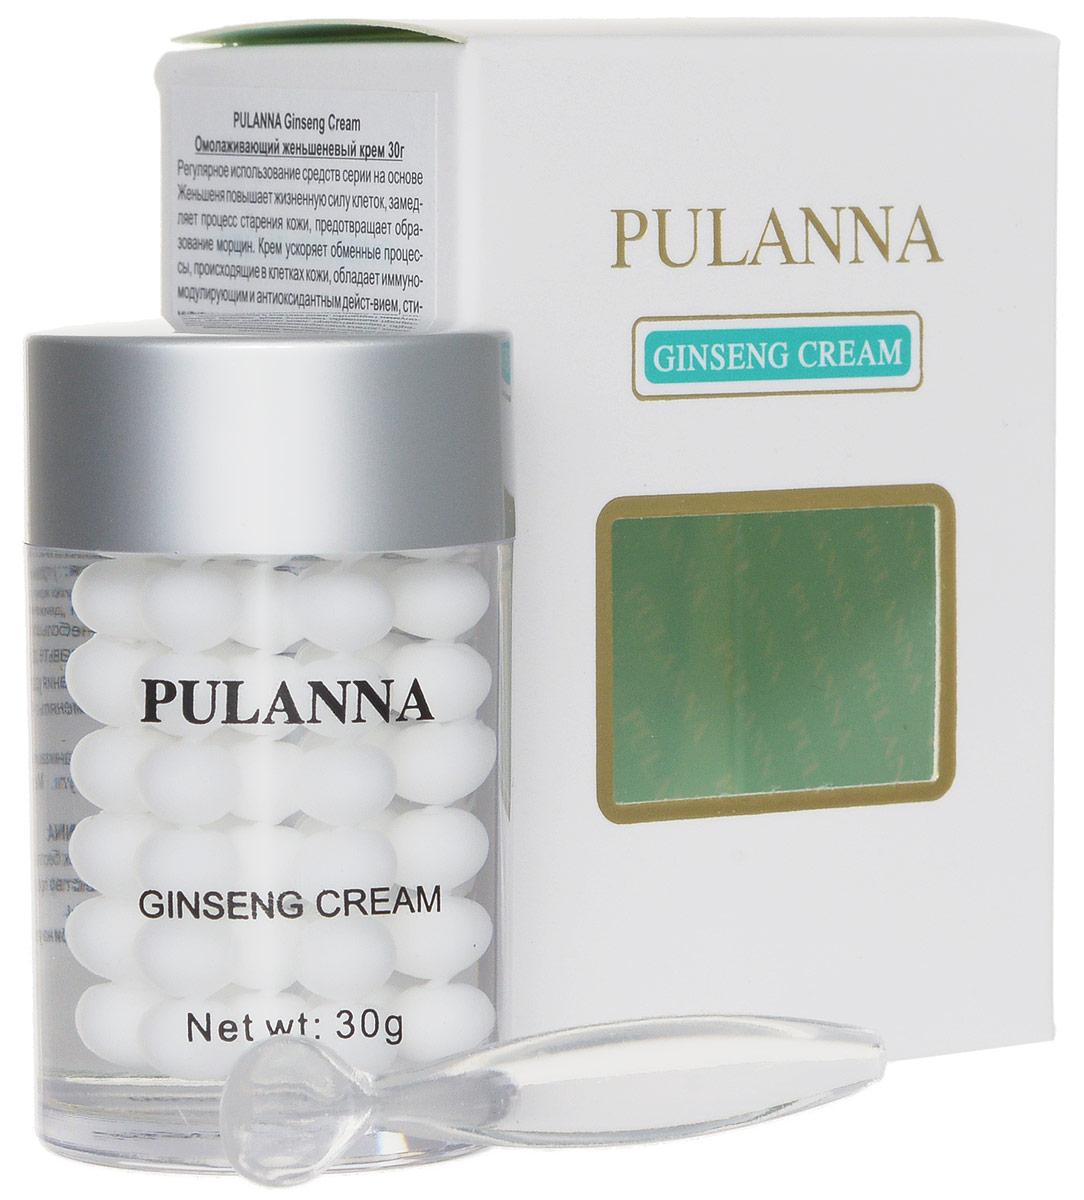 Pulanna Омолаживающий женьшеневый крем на основе женьшеня - Ginseng Cream 30 г5902596005085Крем ускоряет обменные процессы, происходящие в клетках кожи, обладает иммуномодулирующим и антиоксидантным действием, стимулирует процессы клеточного метаболизма, оказывает бактерицидное действие, выравнивает кожный рельеф. Питает, увлажняет, тонизирует. Усиливает сопротивляемость кожи к неблагоприятному воздействию окружающей среды, стимулирует регенерацию кожи, снабжает питательными и увлажняющими элементами. При регулярном использовнии улучшается цвет лица, сглаживаются морщинки, мимические линии и заломы.Универсальное средство: подходит для области век, лица и шеи! Для всех типов кожи с 40 - 45 лет.